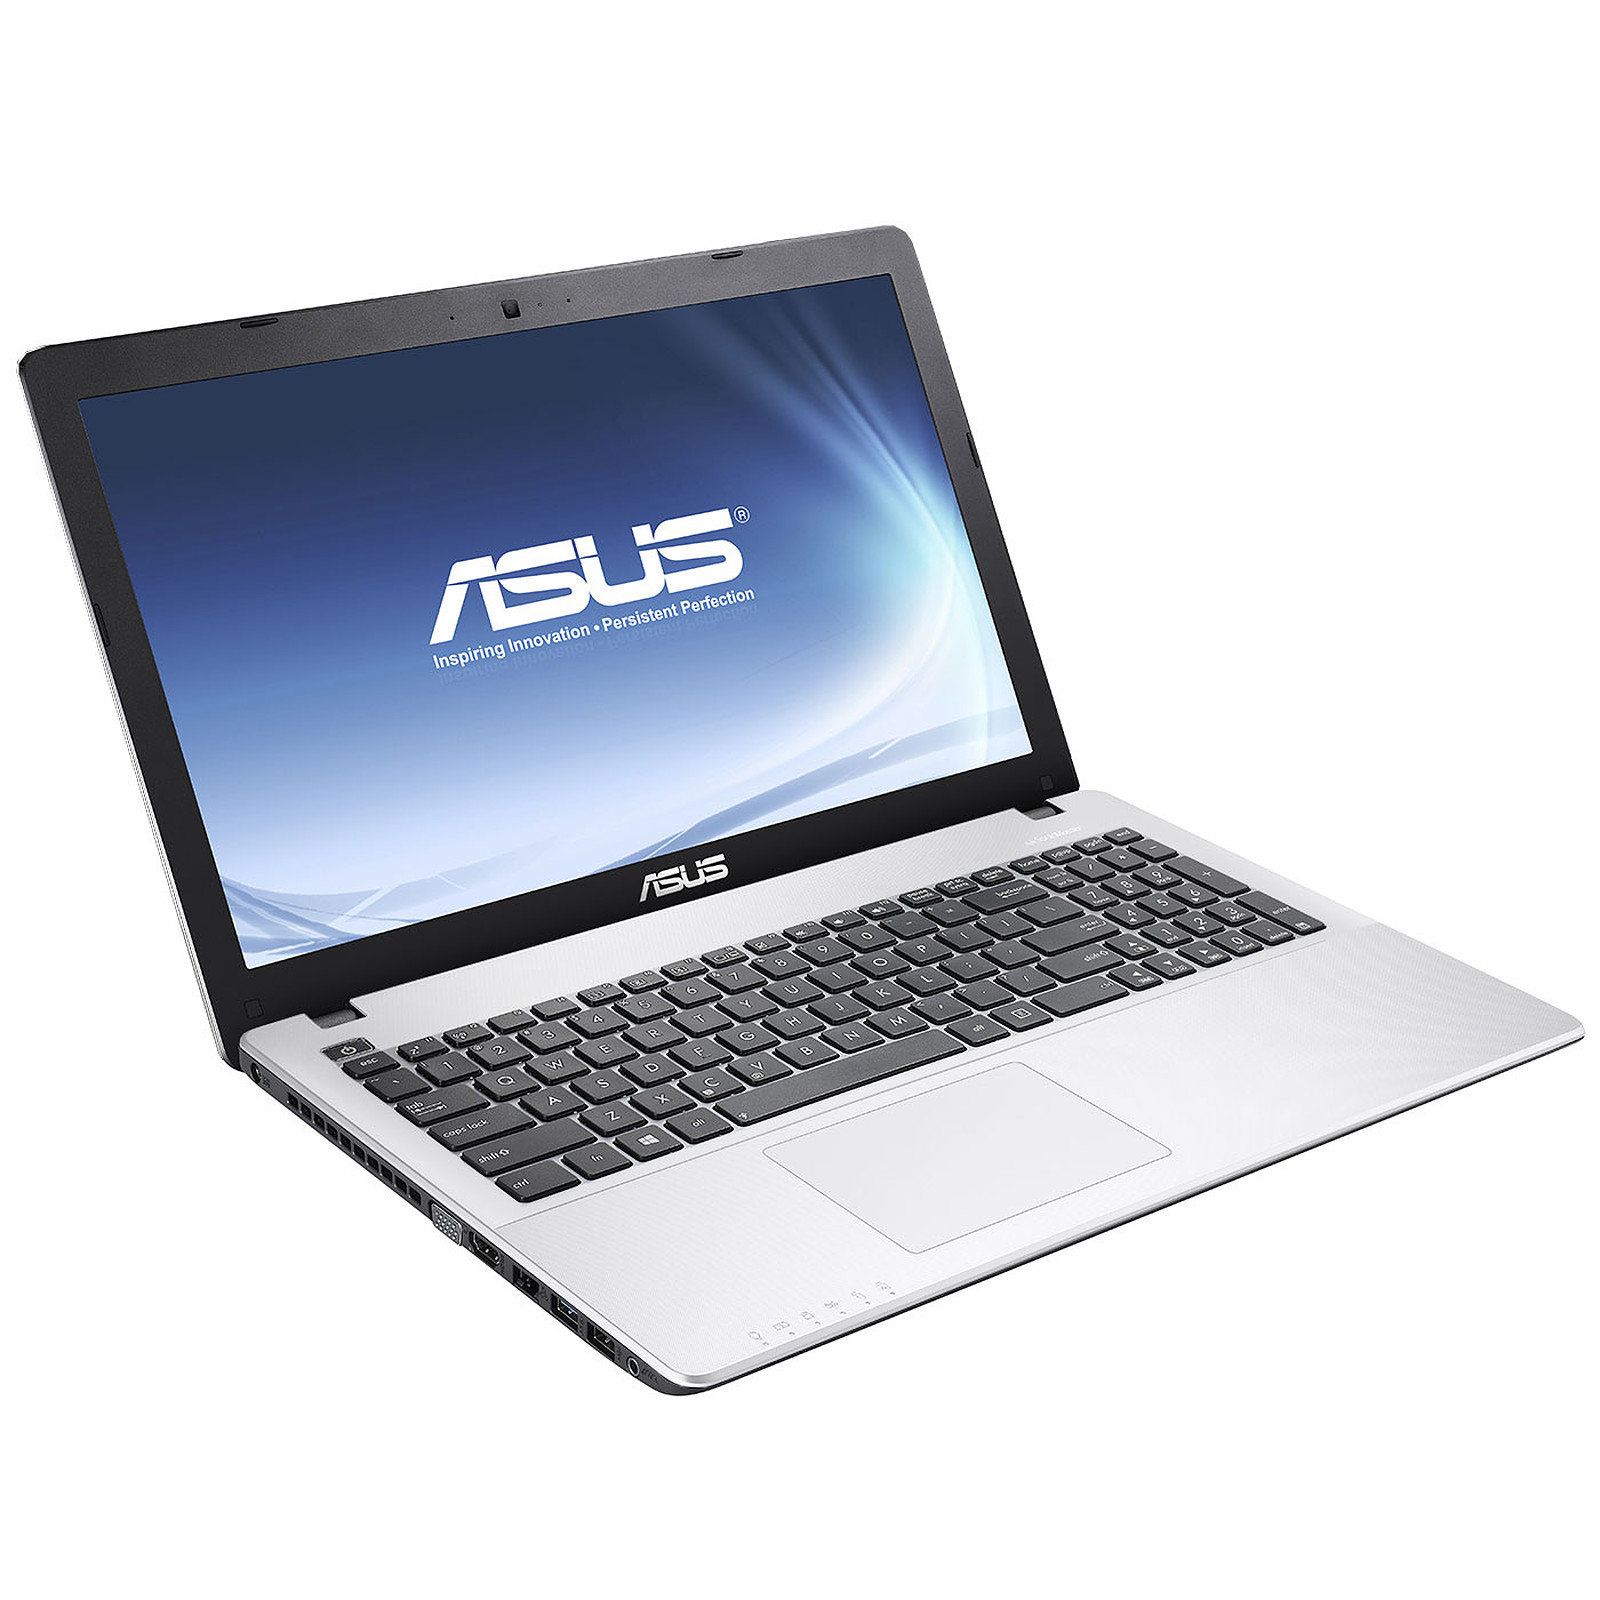 ASUS X552MJ-SX006T Blanc